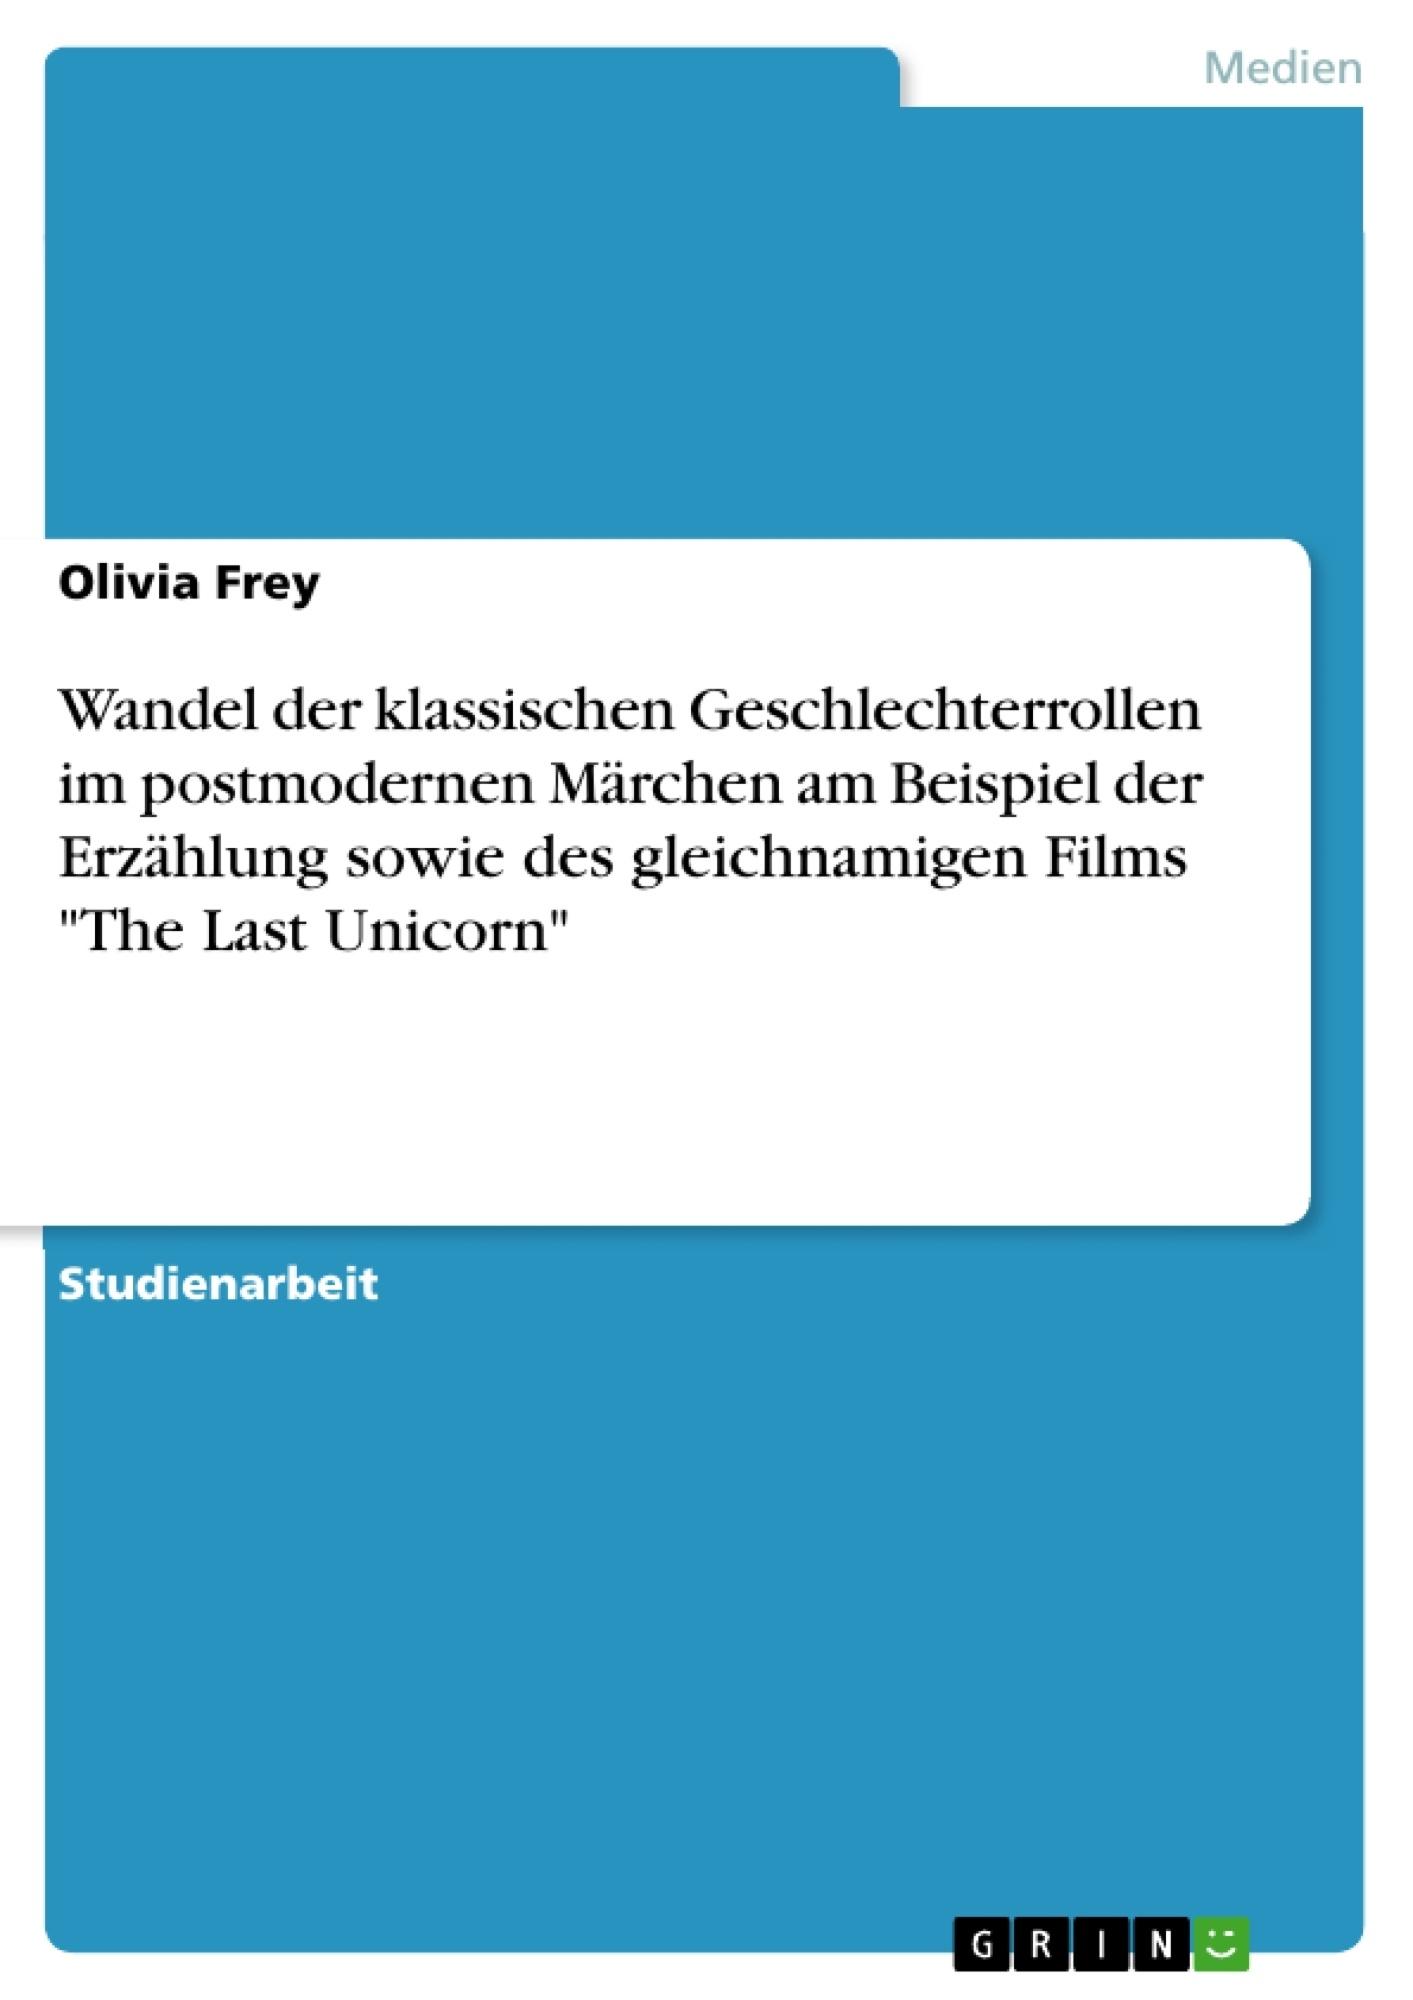 """Titel: Wandel der klassischen Geschlechterrollen im postmodernen Märchen am Beispiel der Erzählung sowie des gleichnamigen Films """"The Last Unicorn"""""""